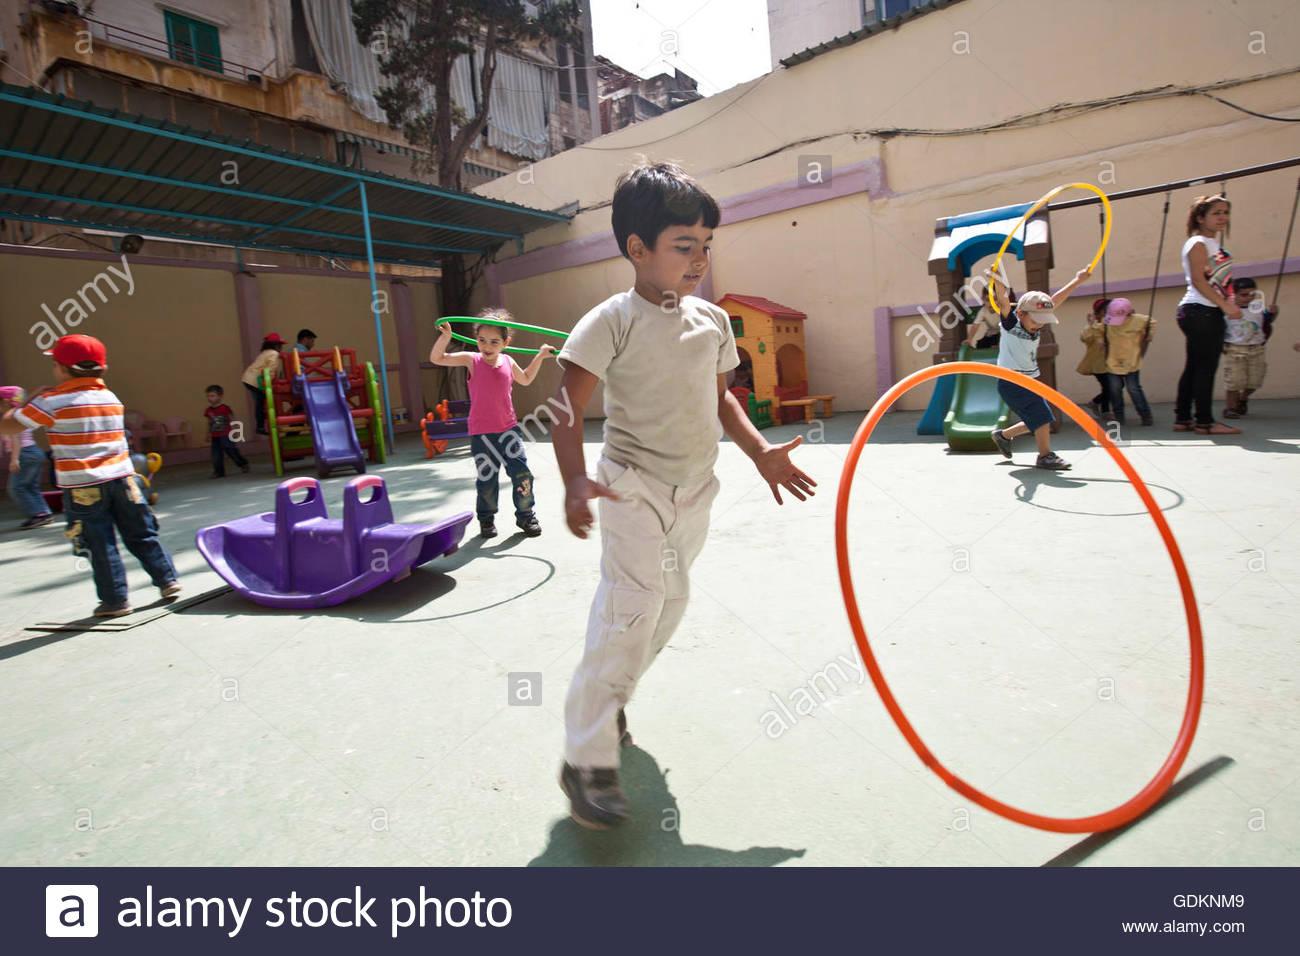 Libanon - Beirut - Kinder spielen auf dem Schulhof. JCC Kindegarden im Flüchtlingslager Sabra. Stockbild